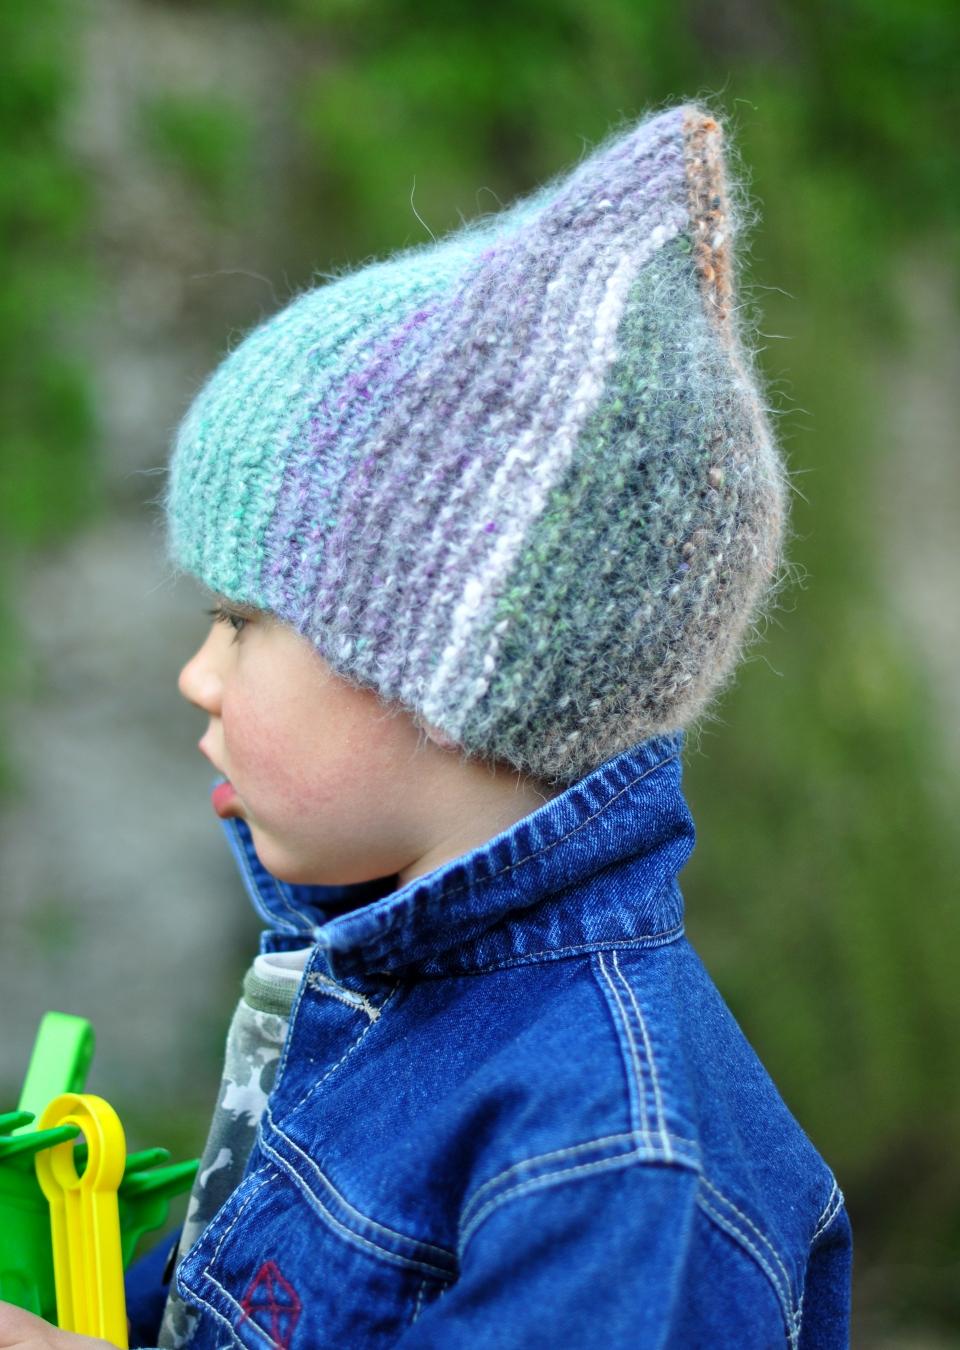 Rocketeer garter stitch pixie Hat knitting pattern